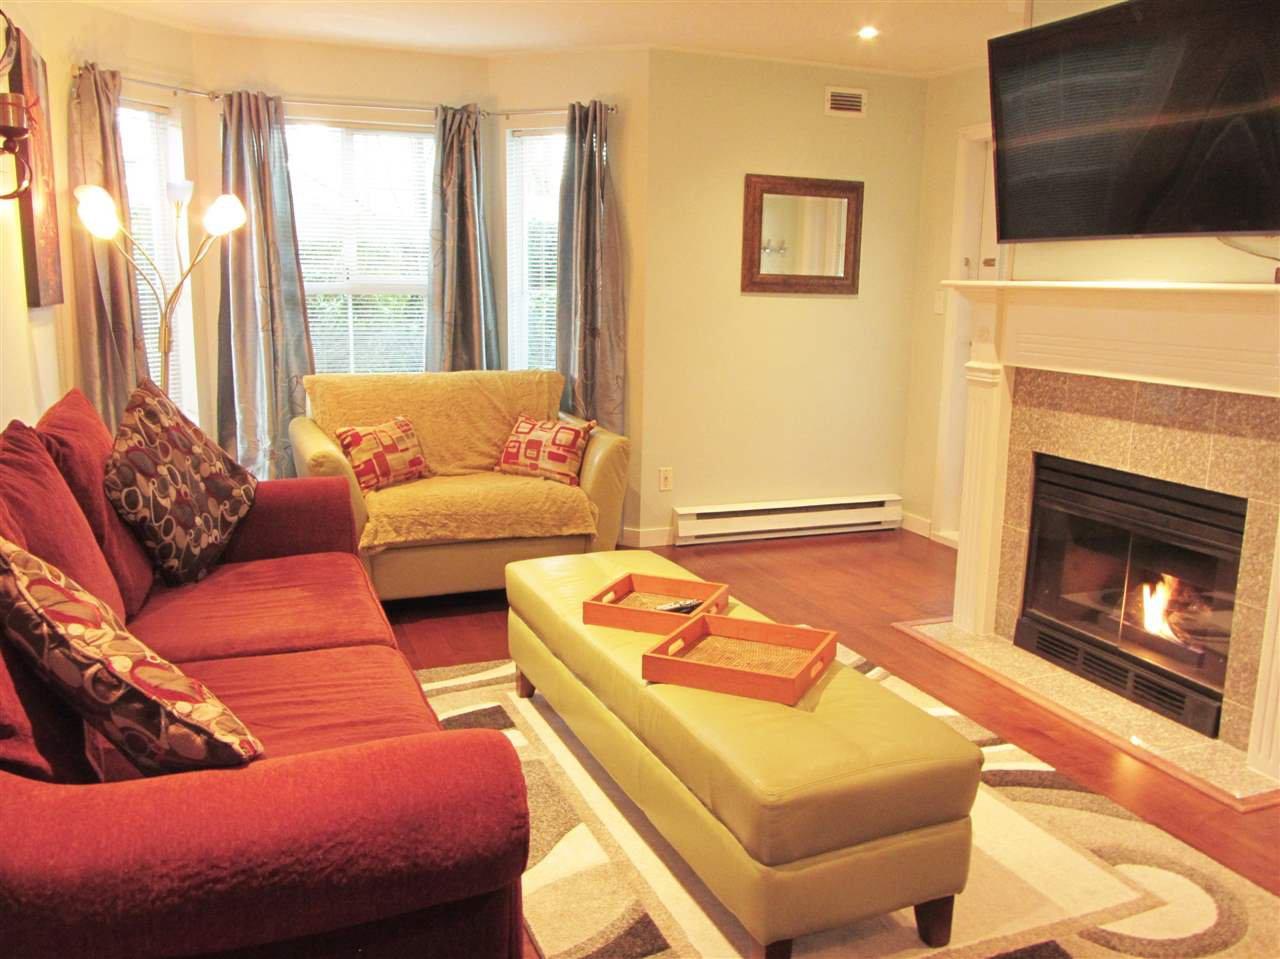 Photo 4: Photos: 114 15110 108 Avenue in Surrey: Bolivar Heights Condo for sale (North Surrey)  : MLS®# R2239803